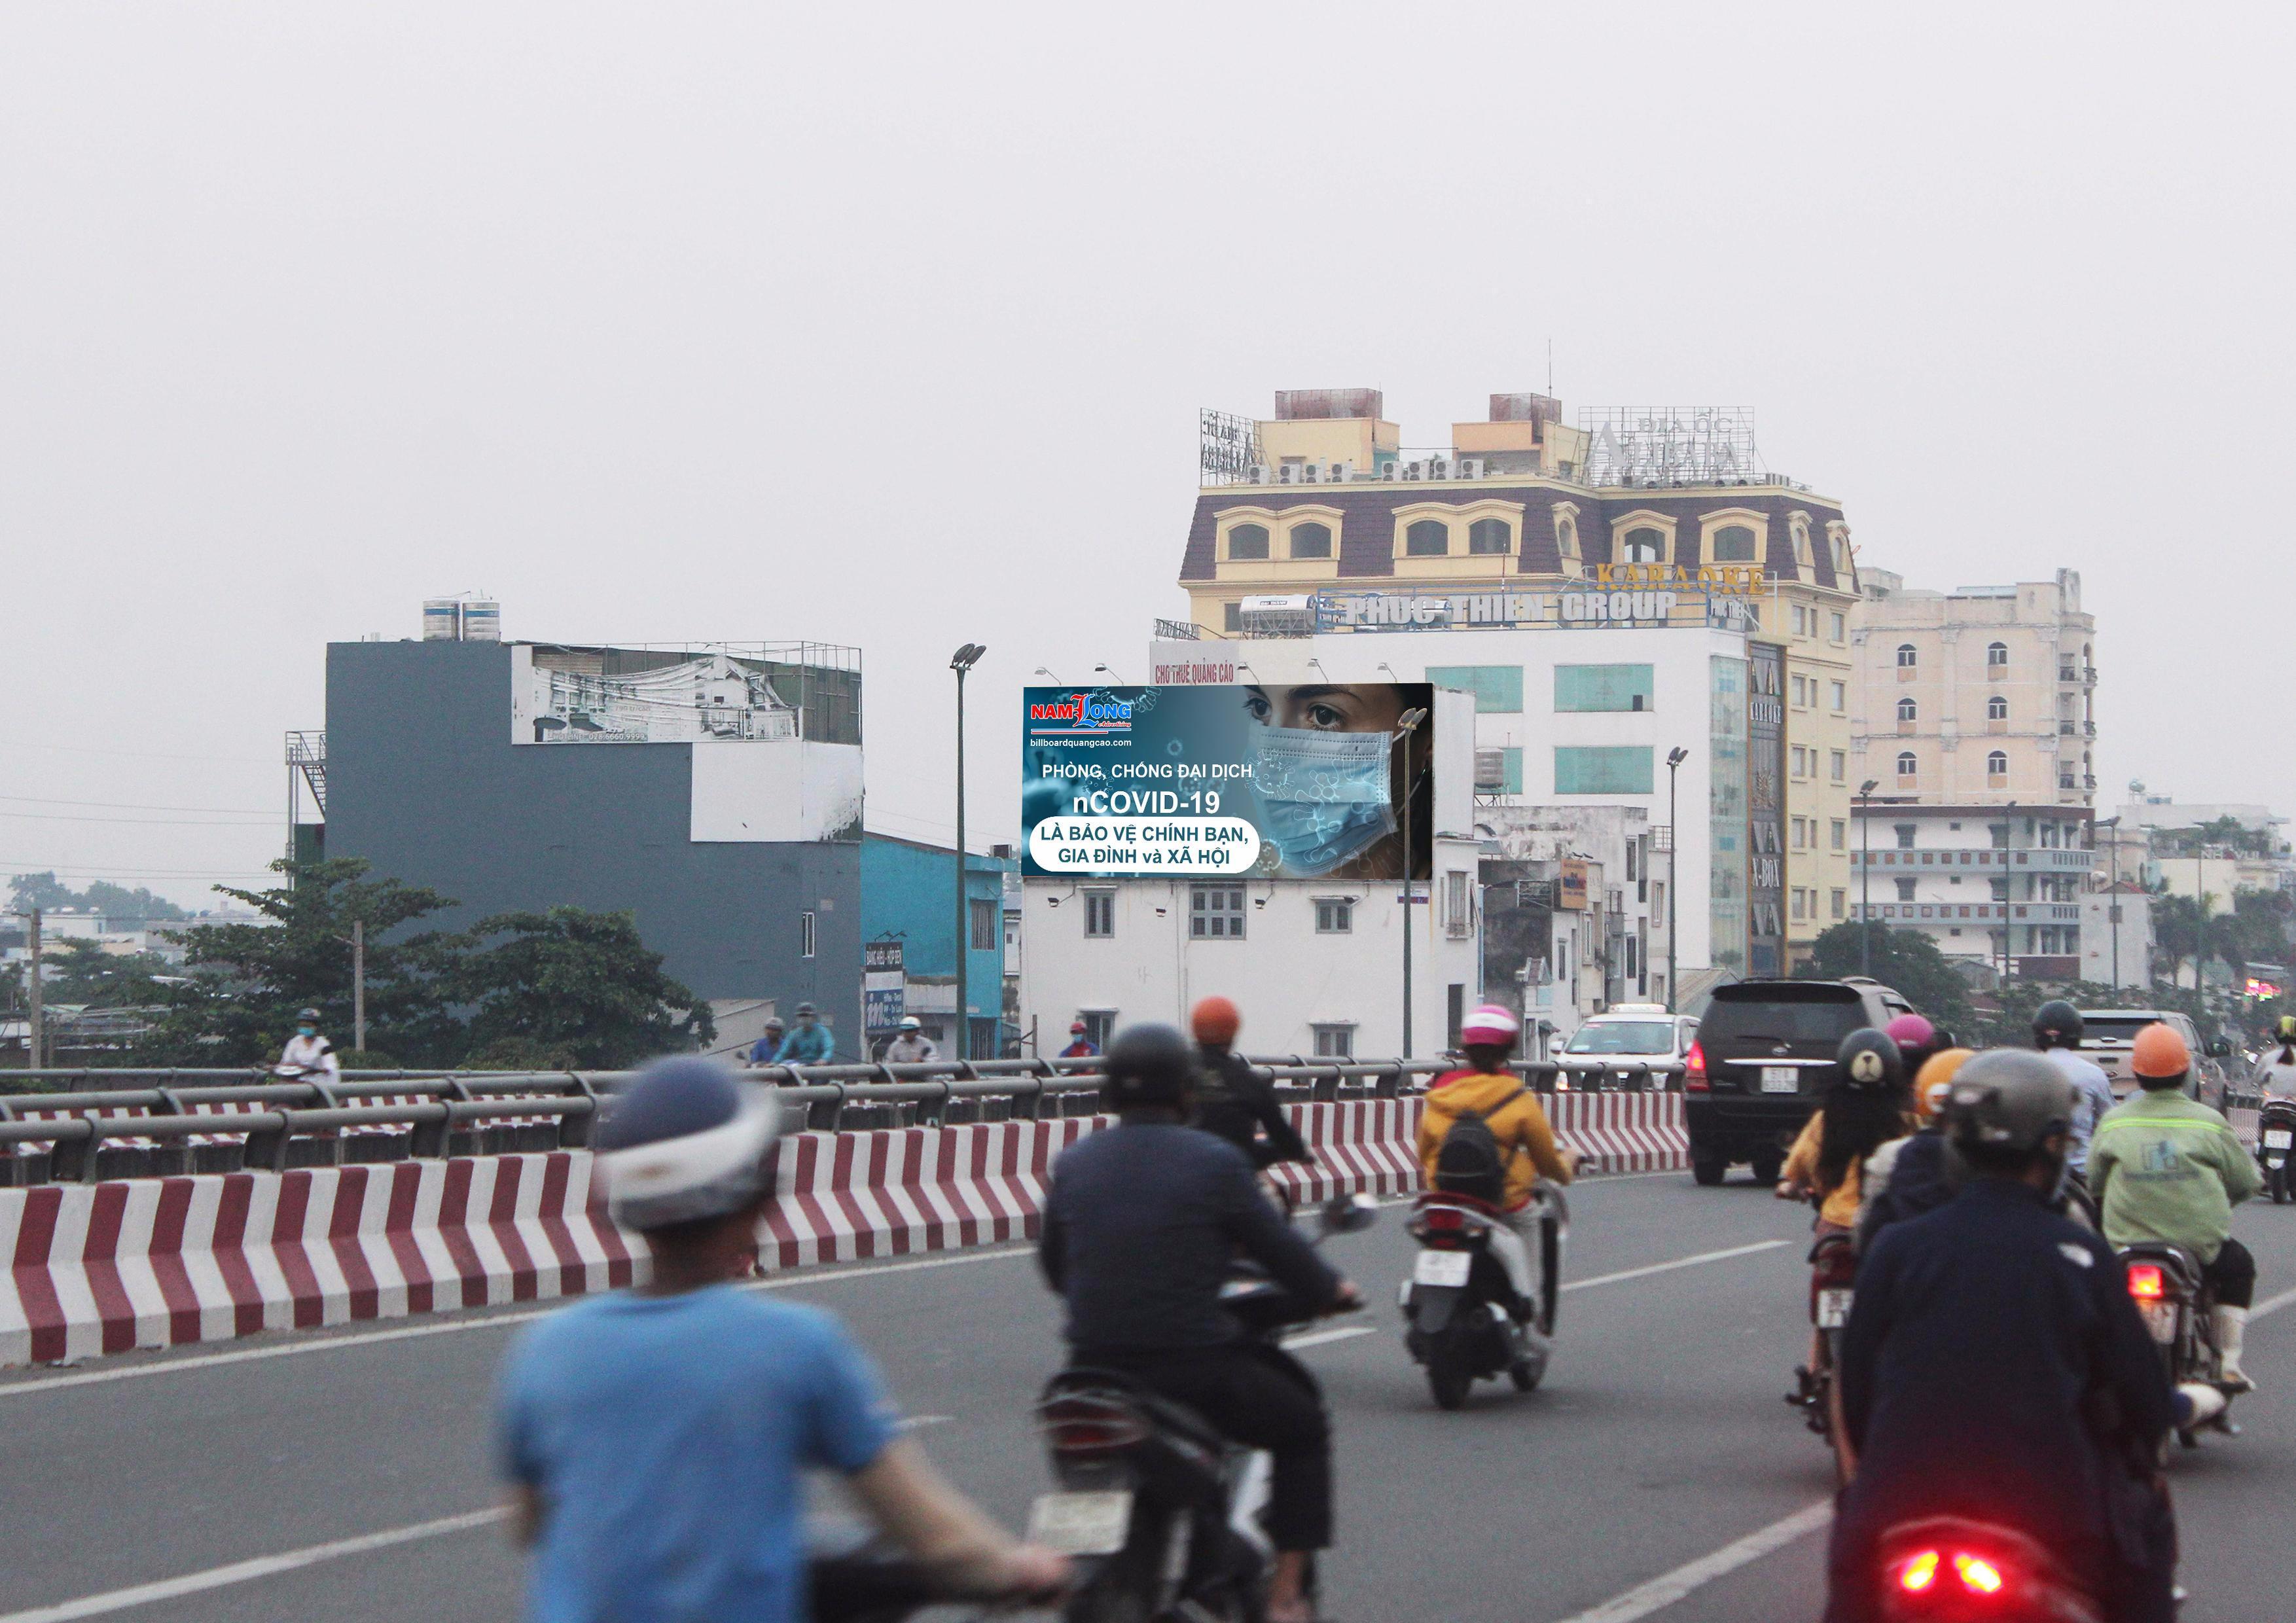 Pano quảng cáo tại Hồ Chí Minh - Billboardquangcao.com